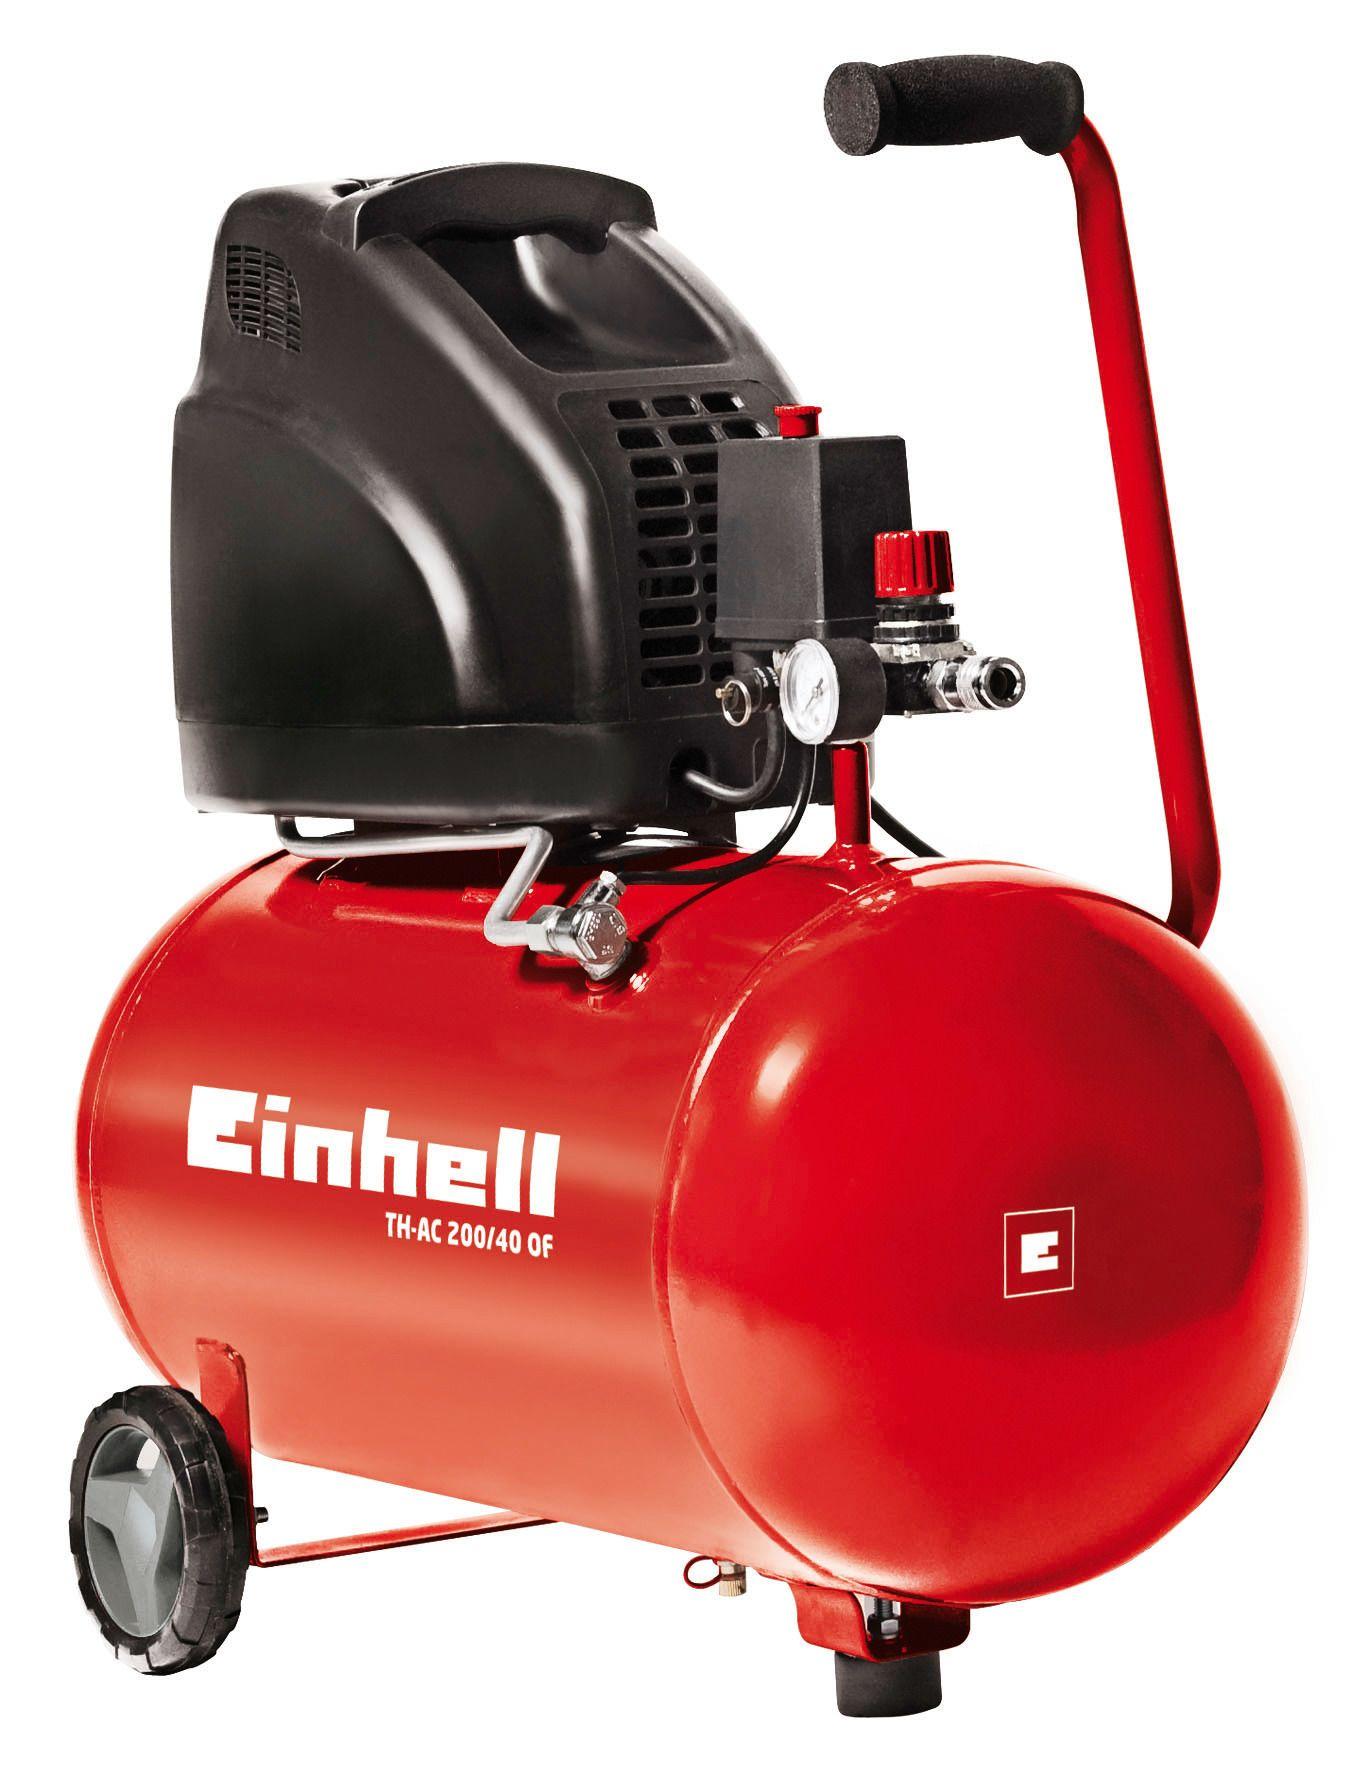 EINHELL Einhell Kompressor »TH-AC 200/40 OF«